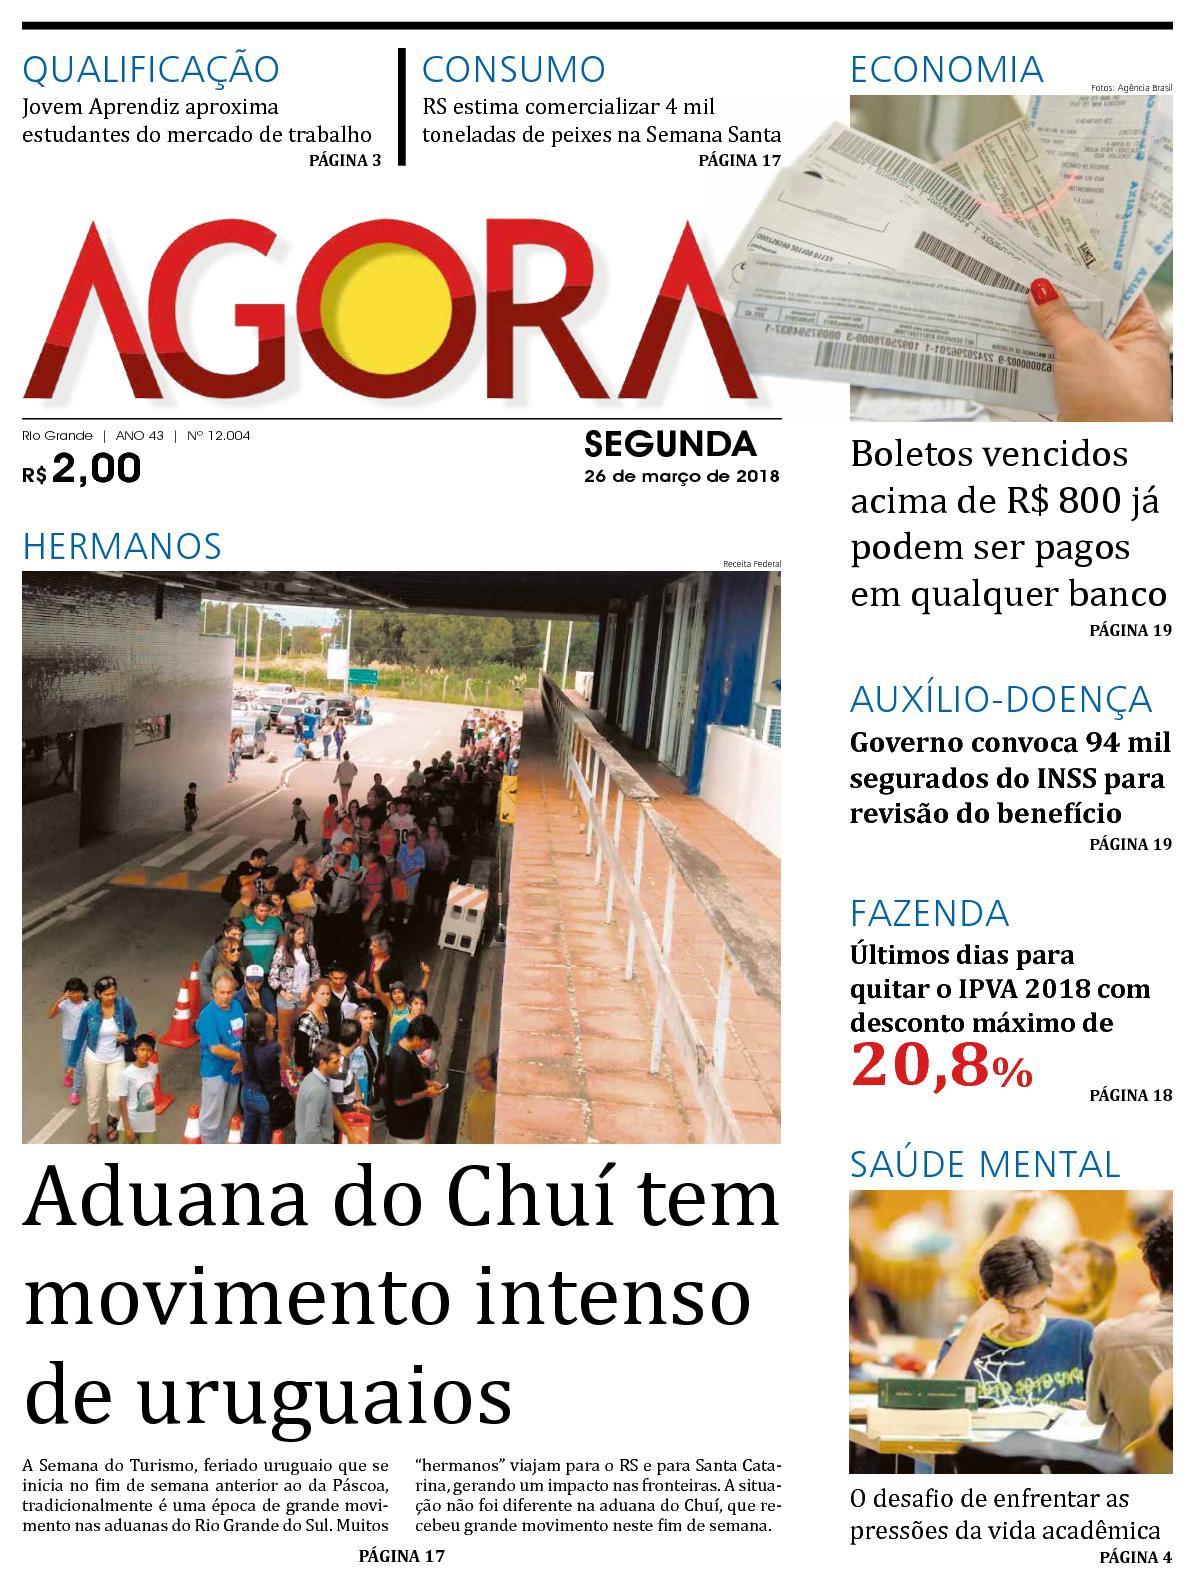 25b8b7665eb Calaméo - Jornal Agora - Edição 12004 - 26 de Março de 2018